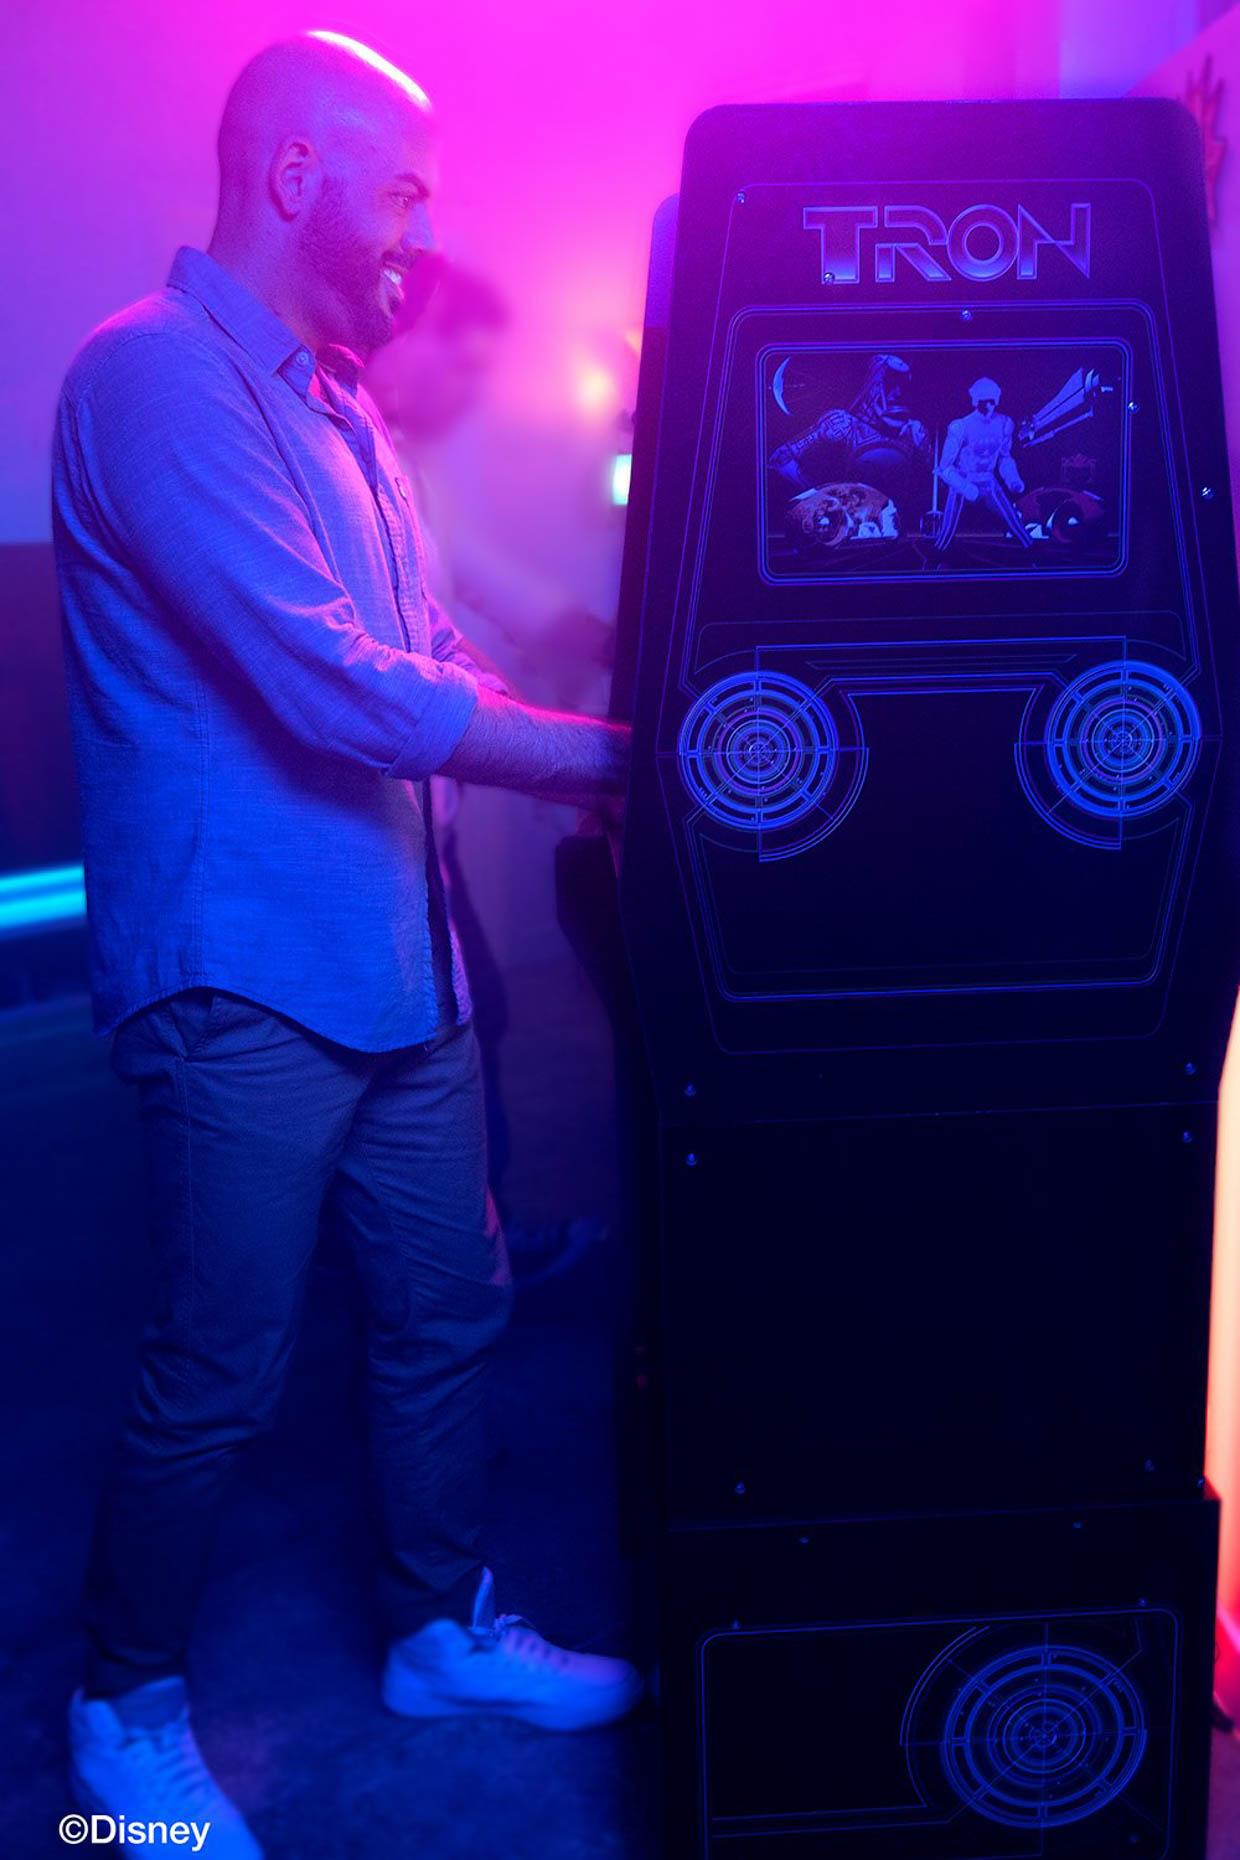 Arcade1up TRON Arcade Machine